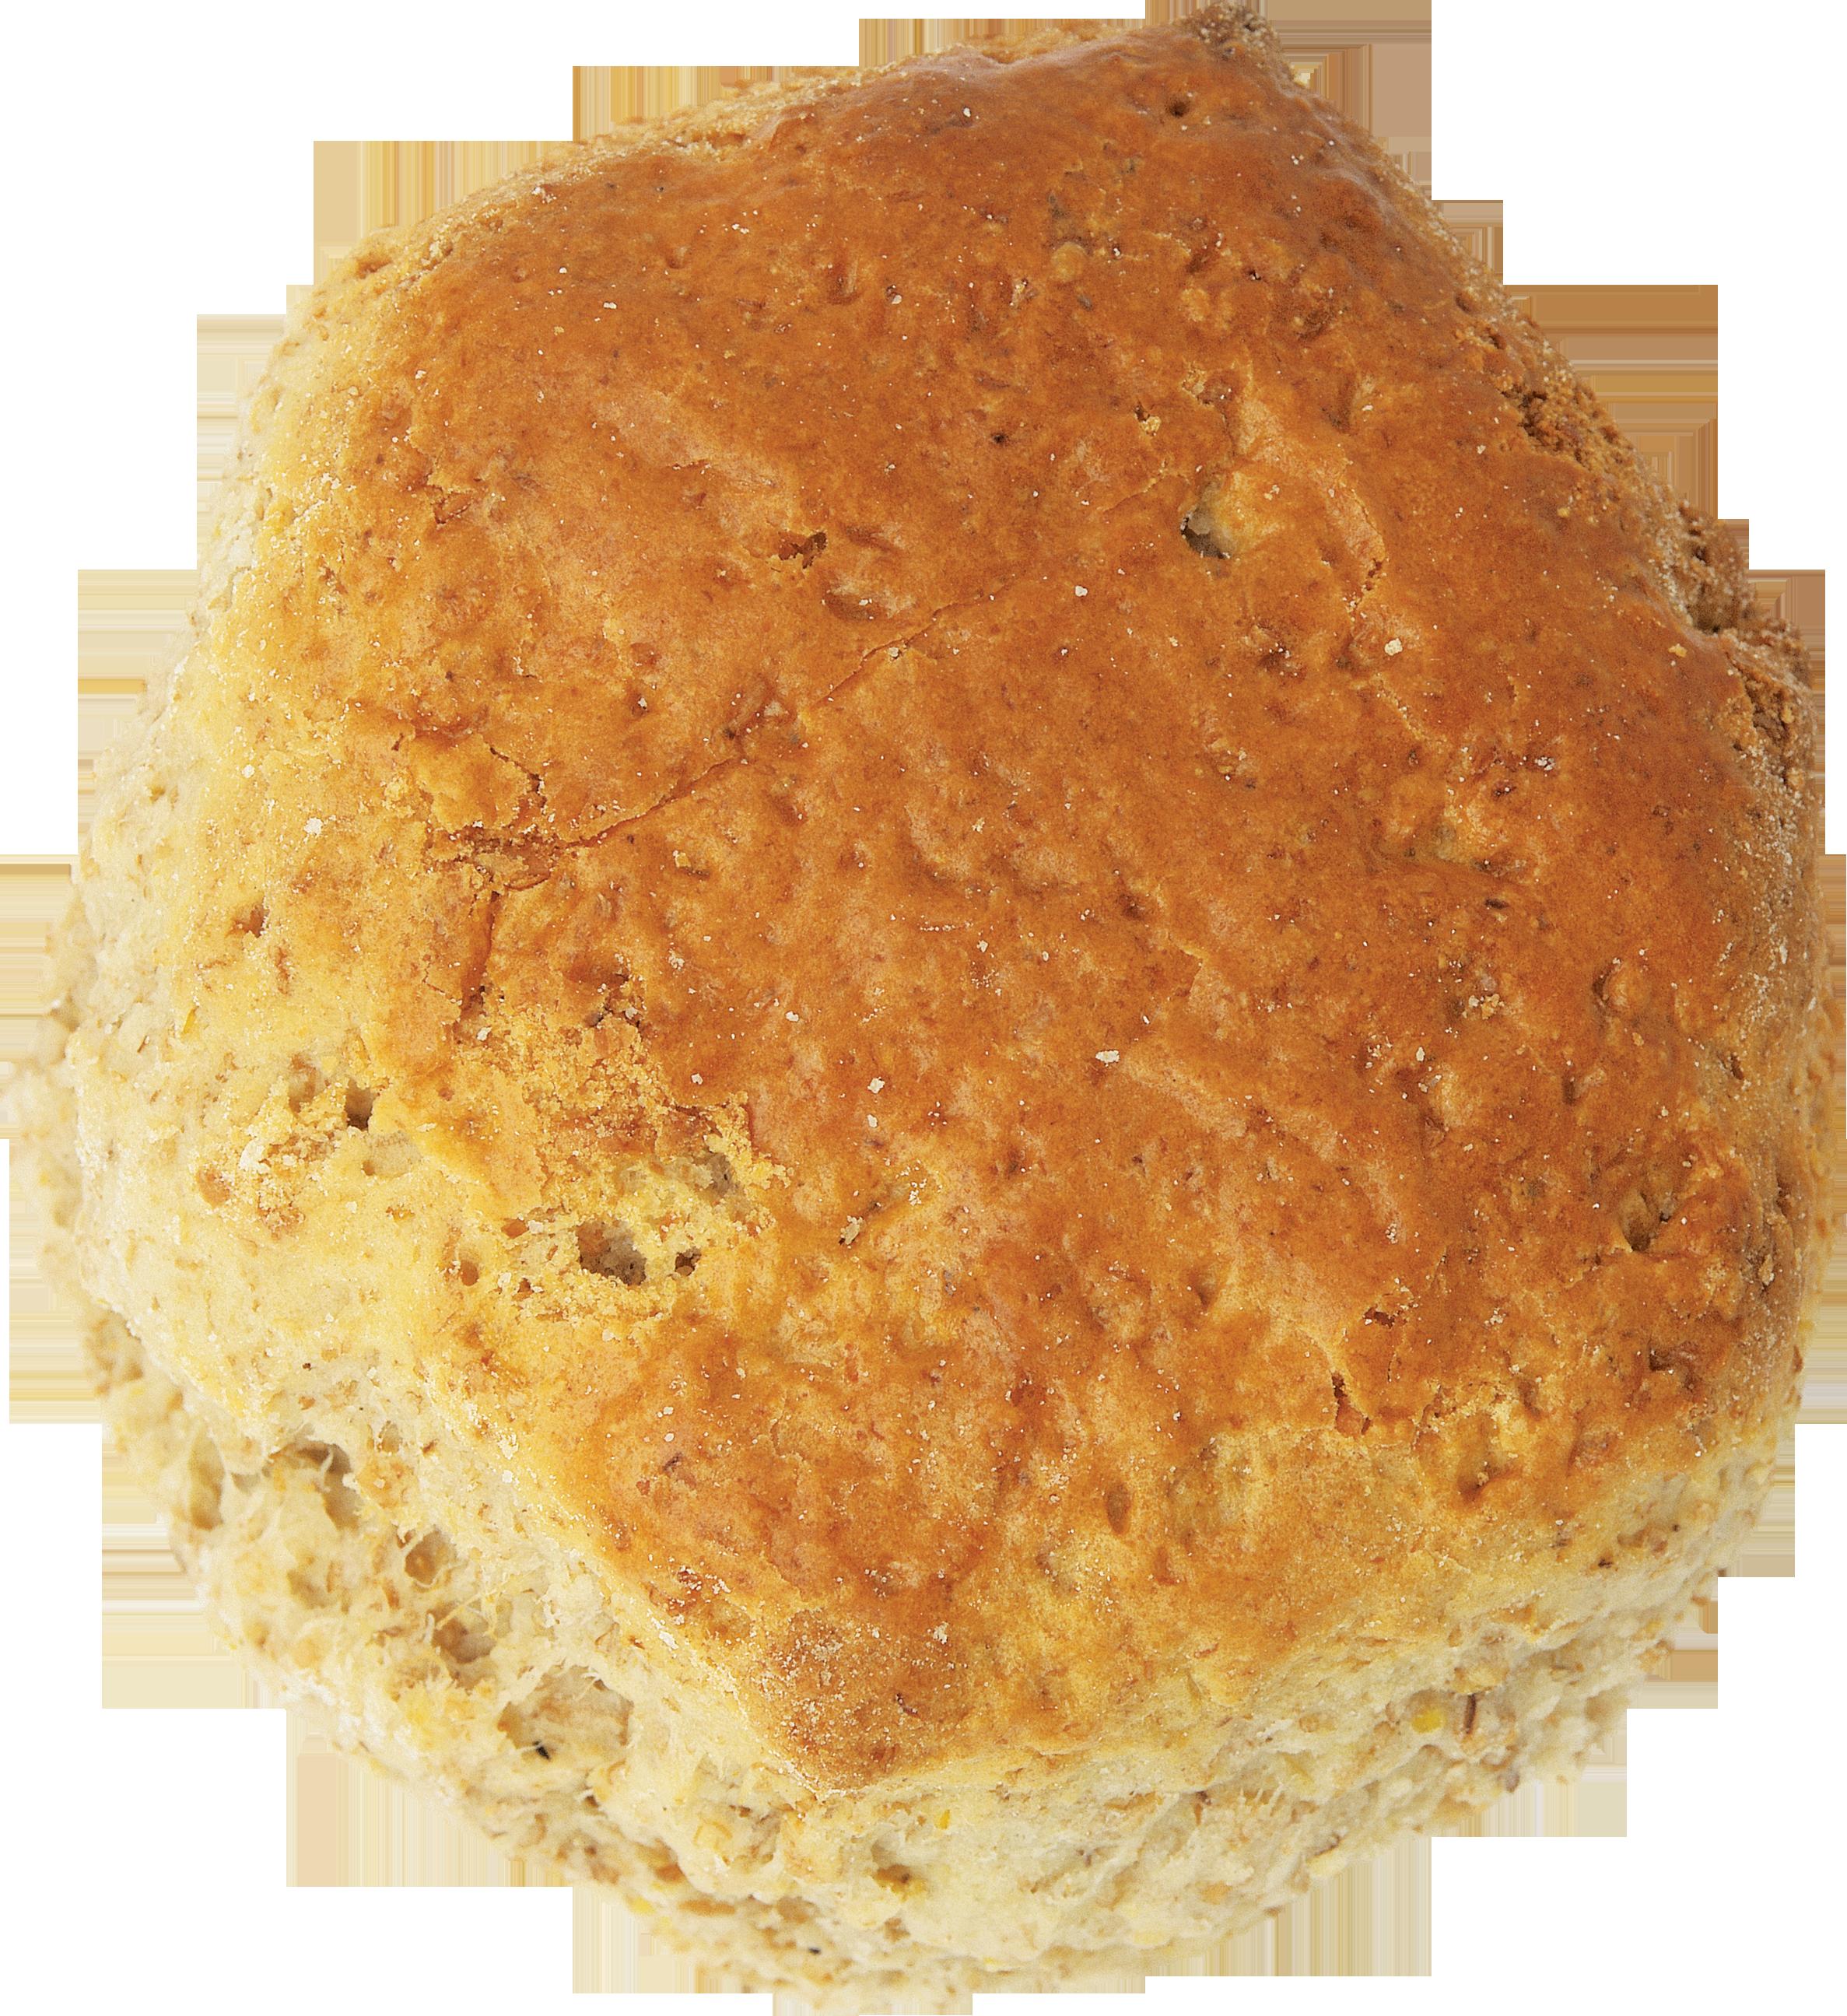 Cereal clipart bread bun Picture bun Bread Bread PNG